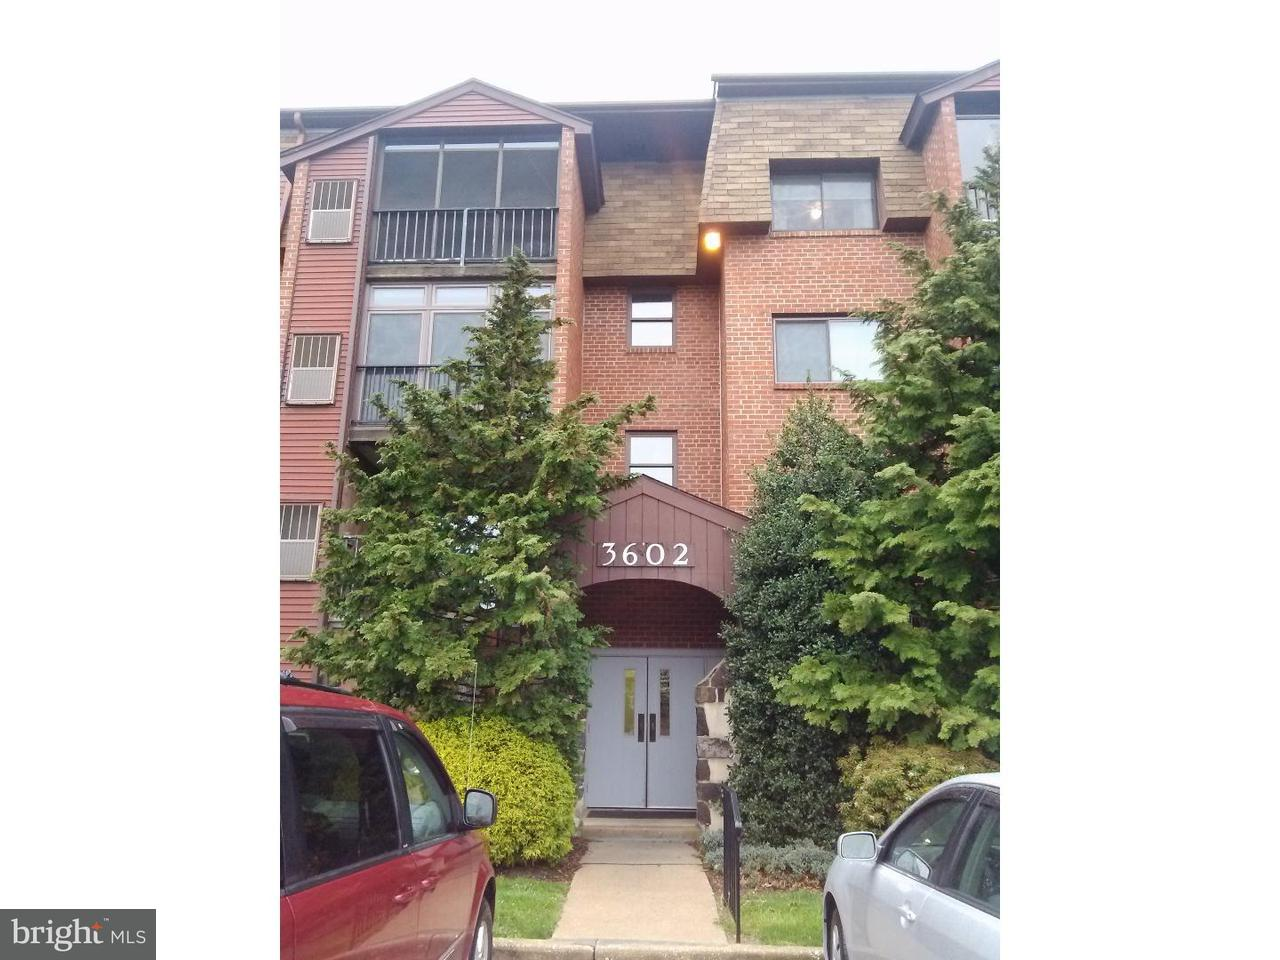 Частный односемейный дом для того Аренда на 3602 RUSTIC LN #136 Hockessin, Делавэр 19808 Соединенные Штаты